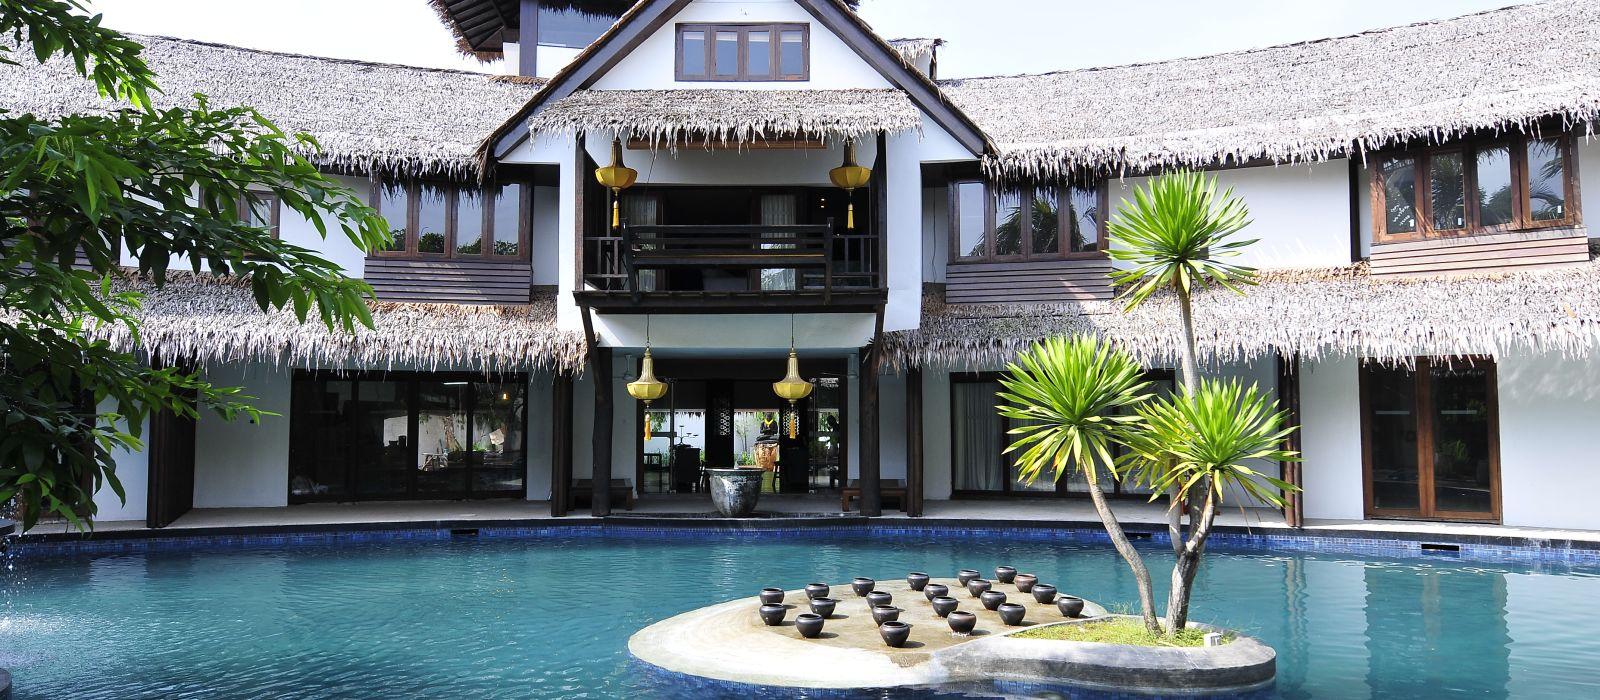 Höhepunkte der Malaysischen Halbinsel Urlaub 4